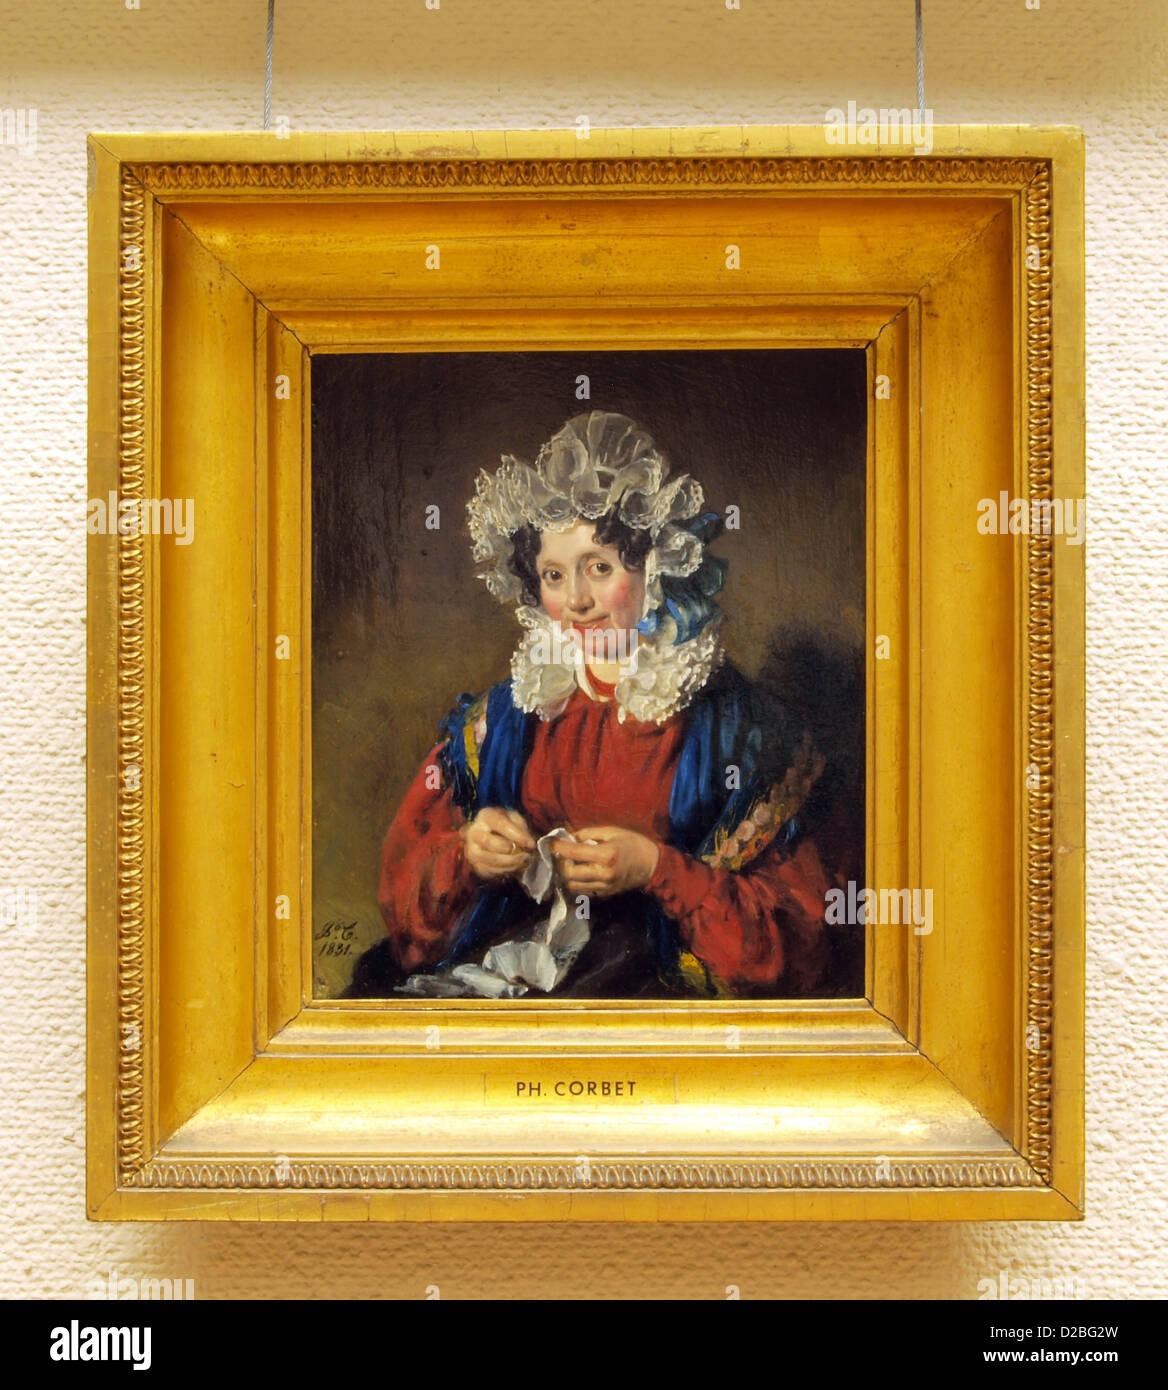 Philip Corbet, donne ritratto, 1831, olio su pannello. Hentzepeter, 1830, olio su pannello Immagini Stock